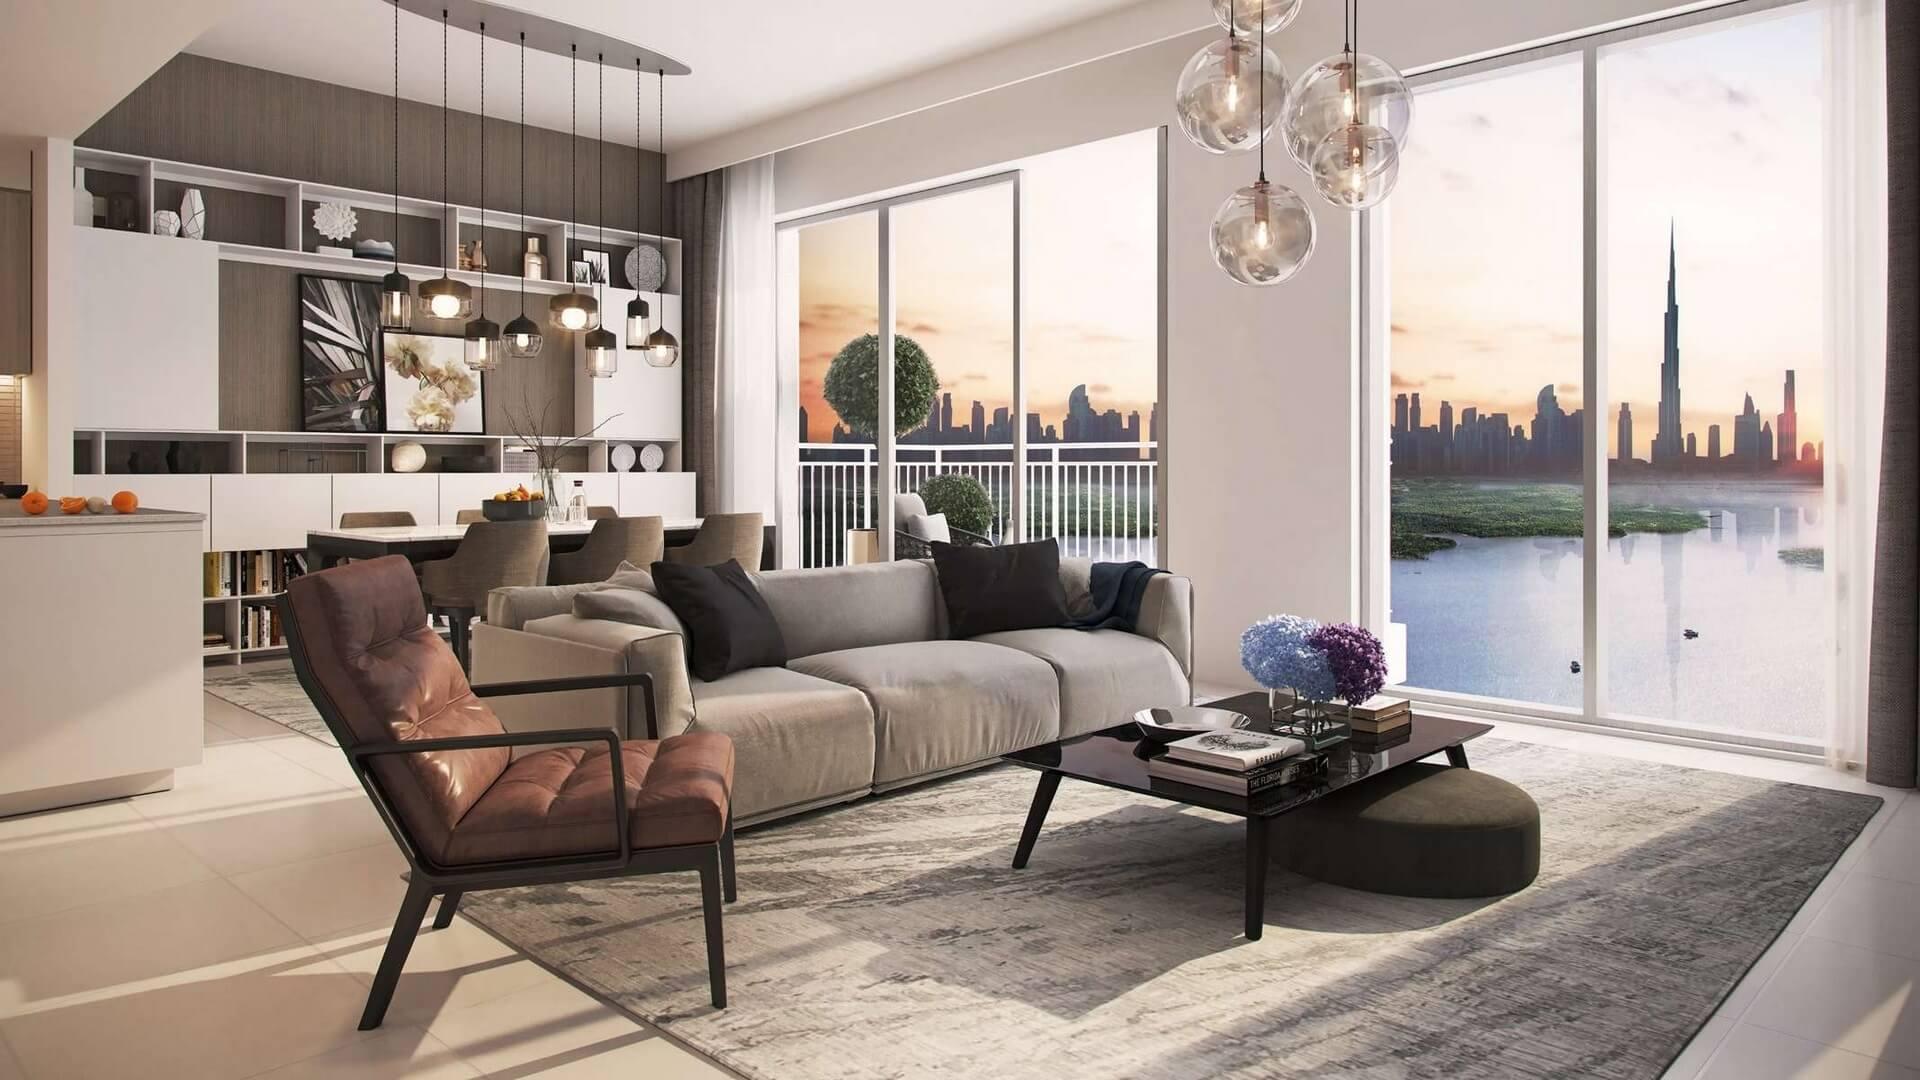 Apartamento en venta en Dubai, EAU, 3 dormitorios, 155 m2, № 24628 – foto 1